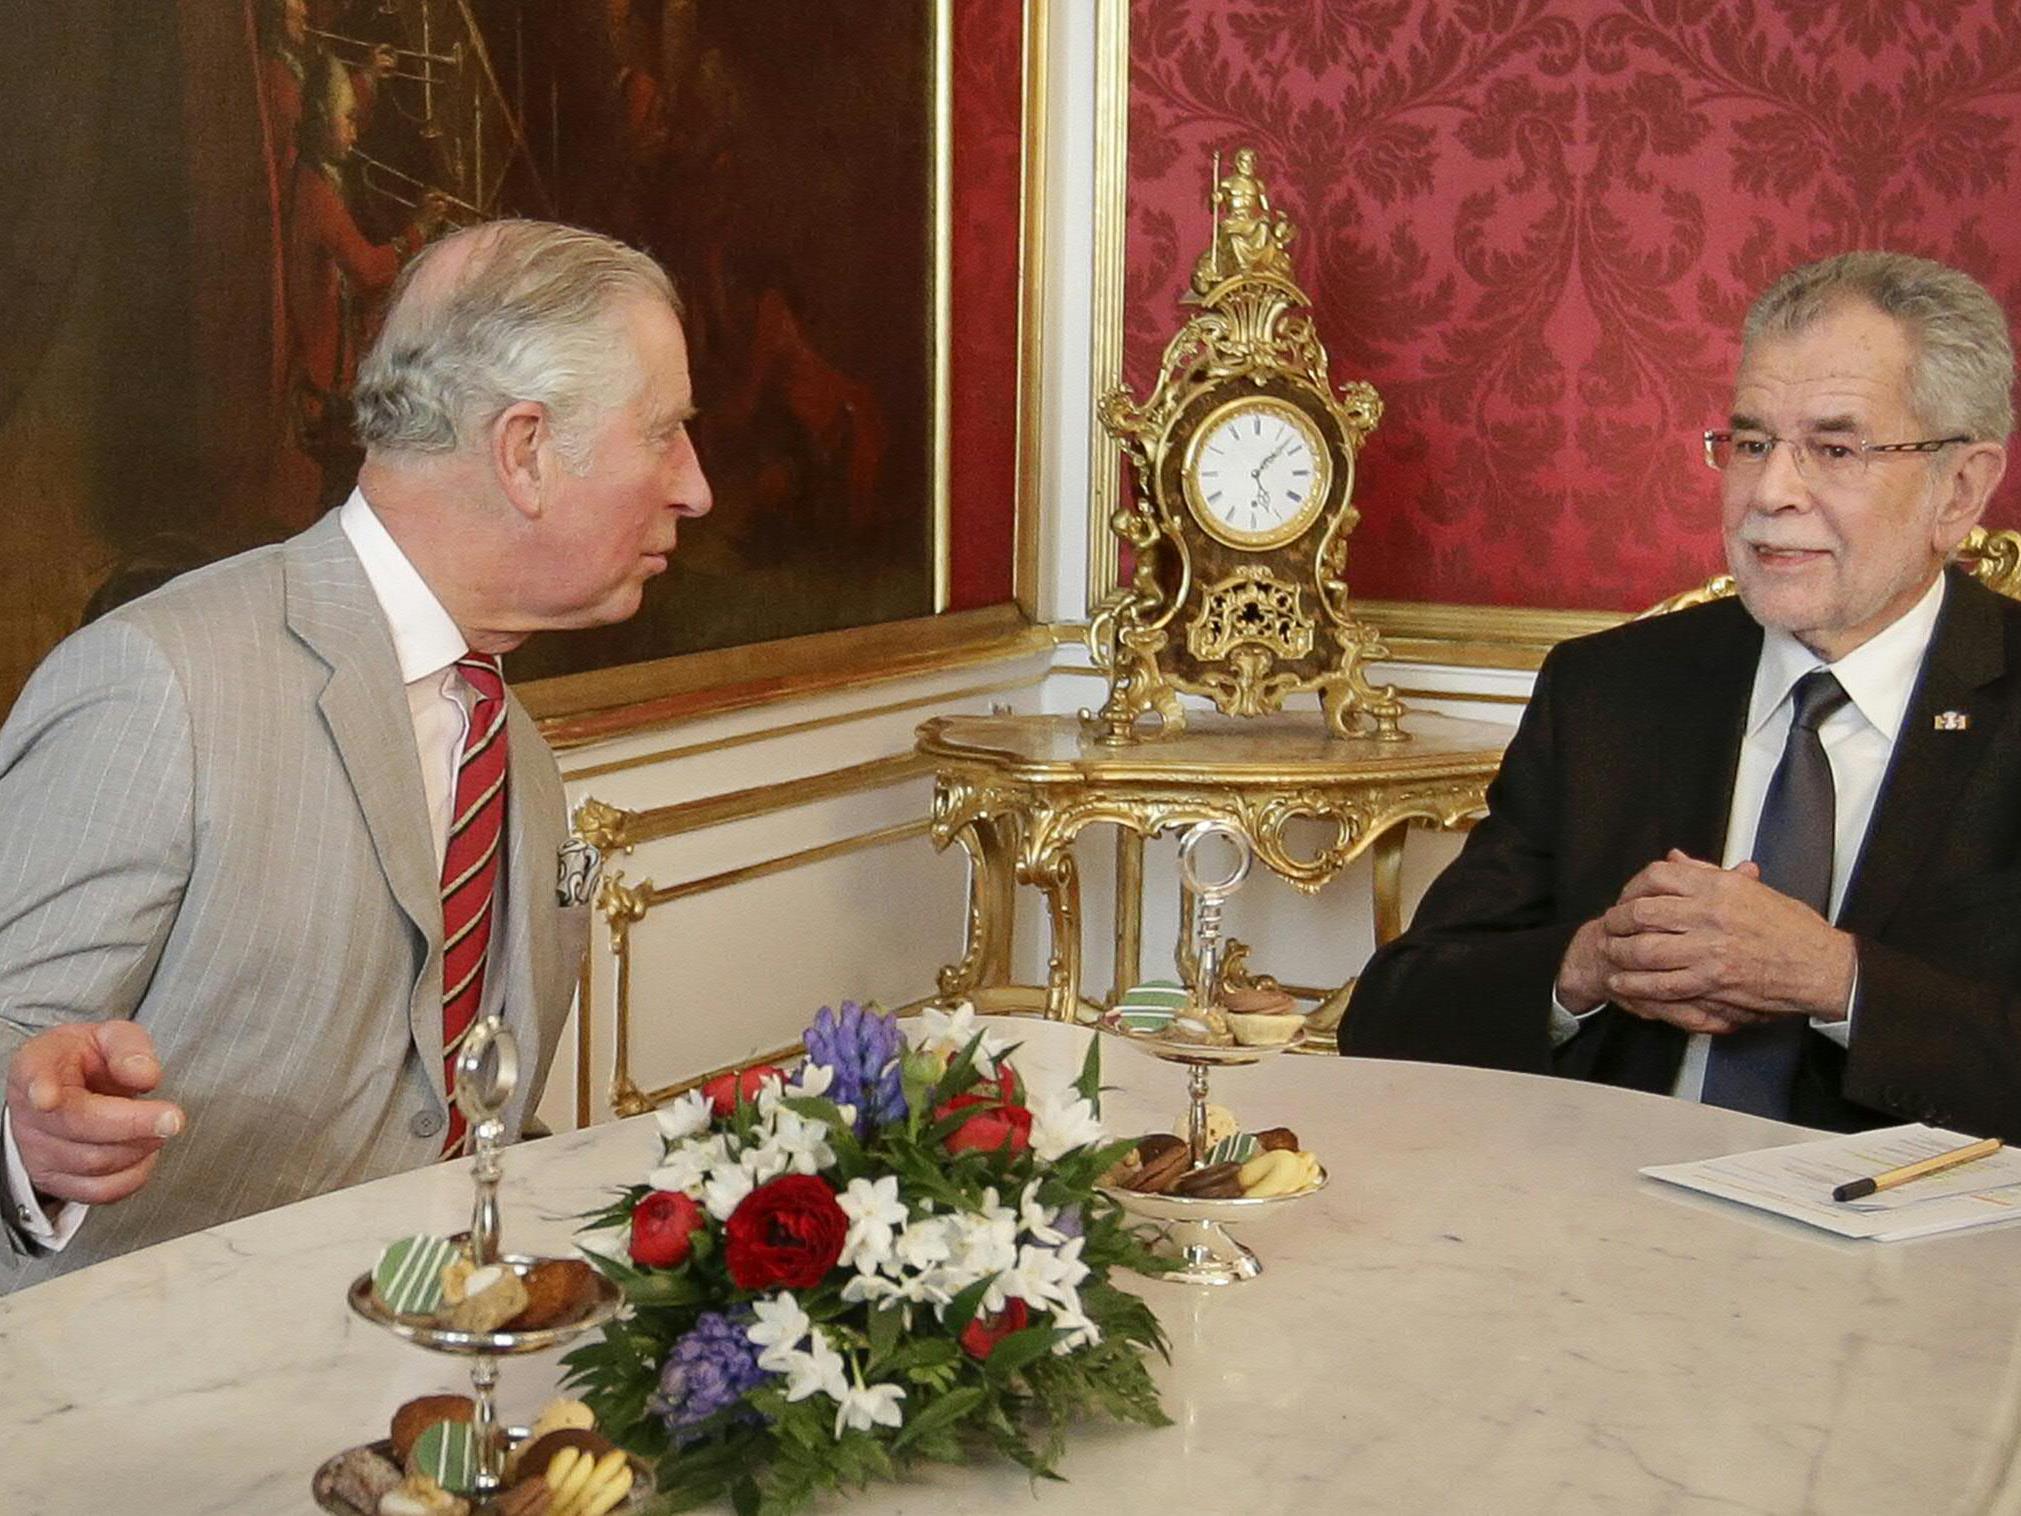 Mit einem touristischen Programm schließen der britische Thronfolger Prinz Charles und seine Frau Camilla heute ihren Österreich-Besuch ab.